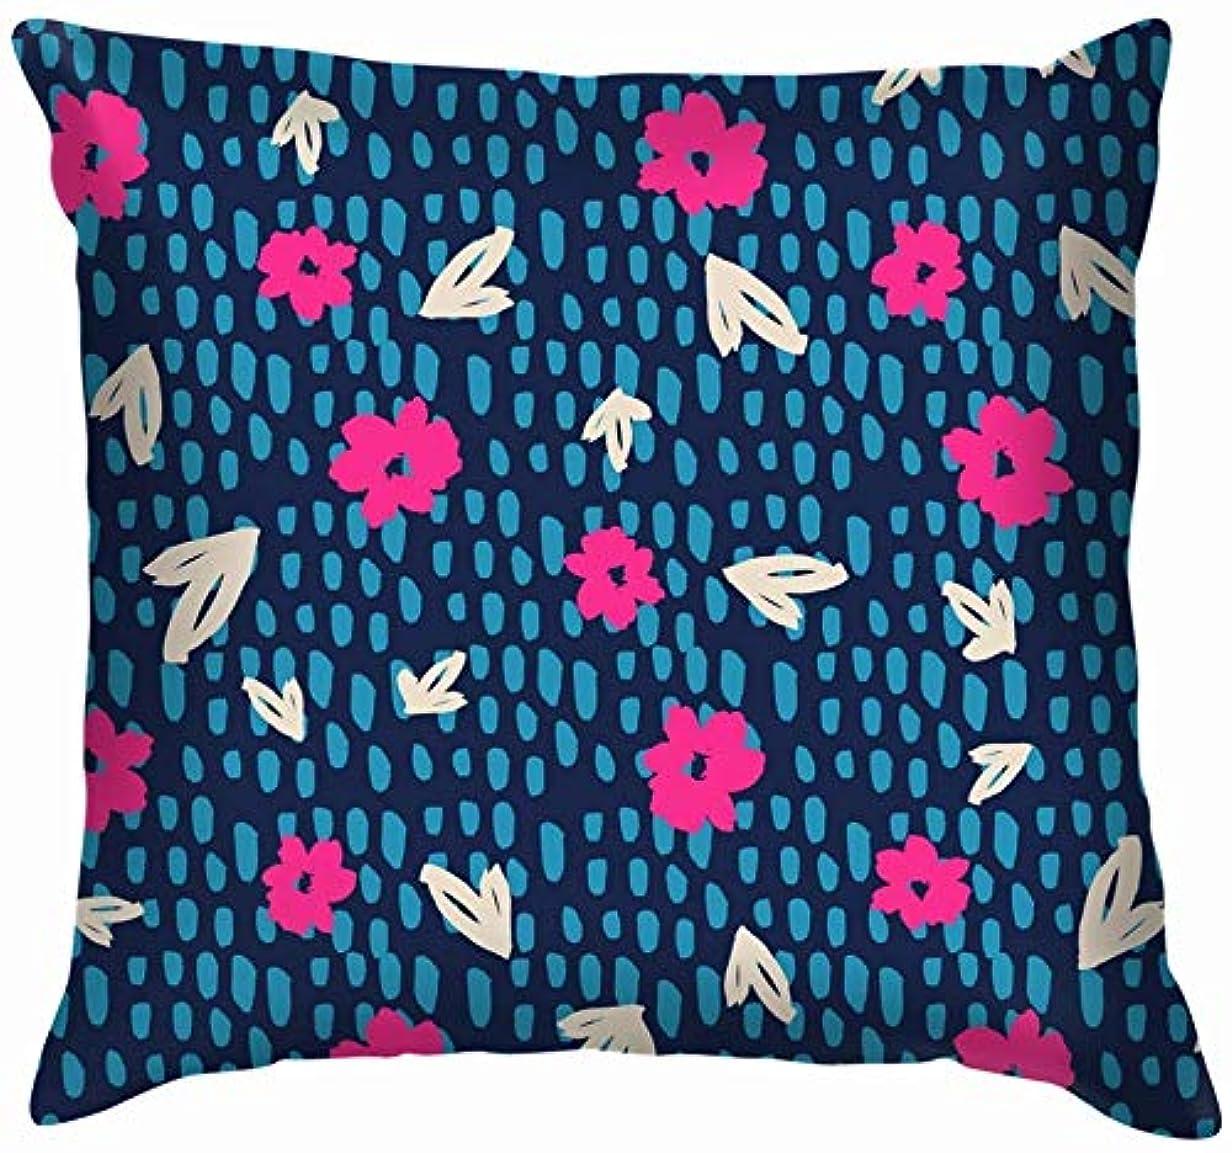 軽蔑するハブ王女ブラシストローク花フローラルスロー枕カバーホームソファクッションカバー枕ギフト45×45 cm